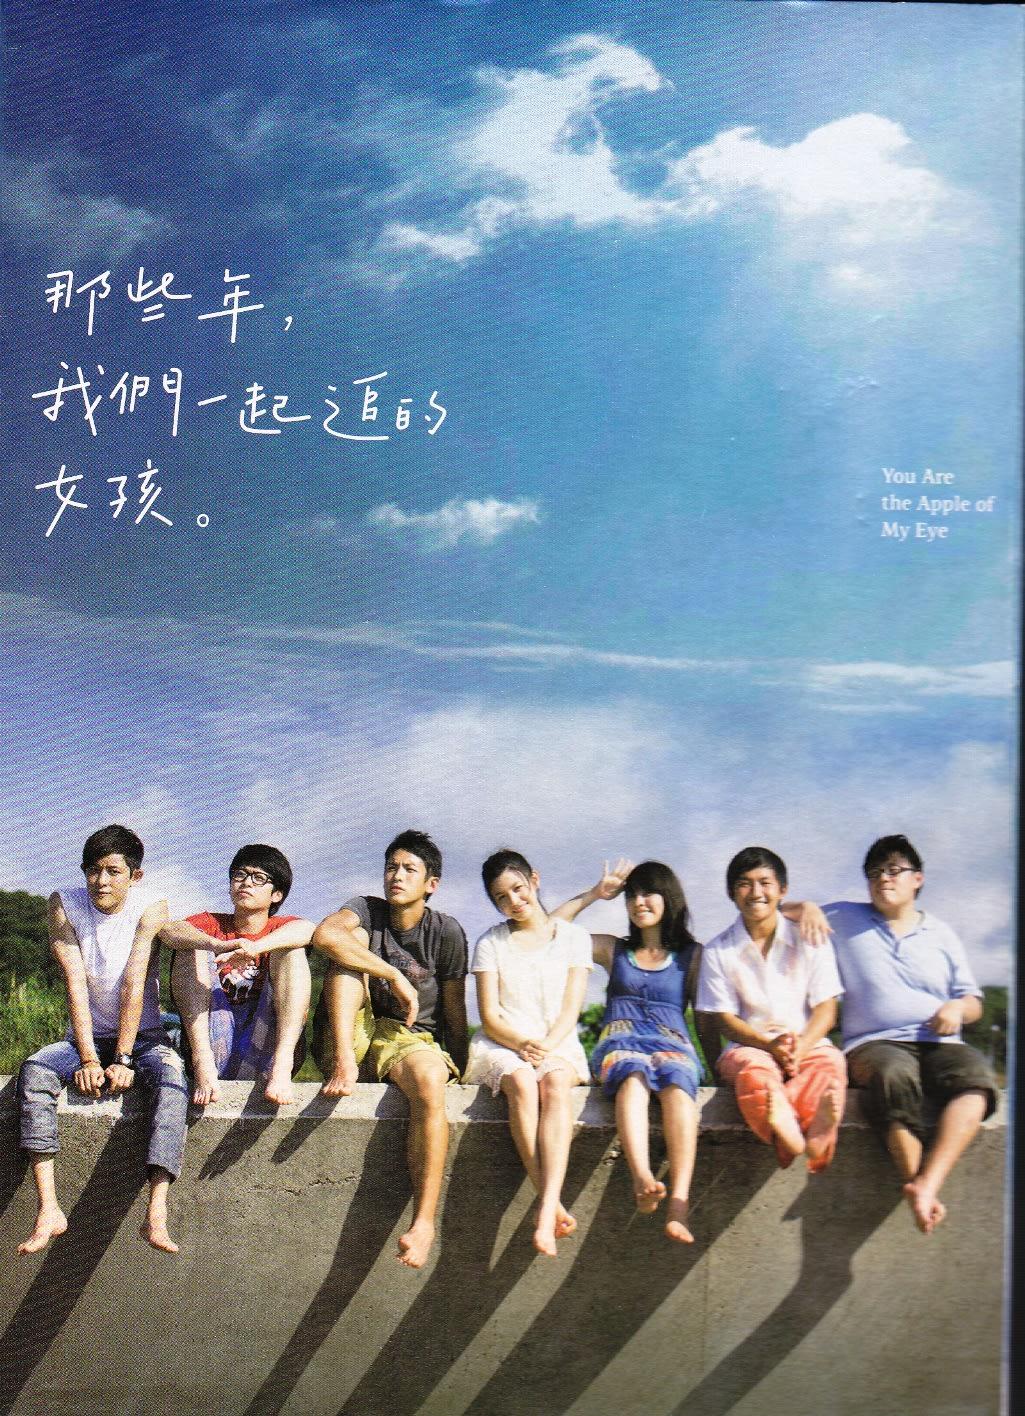 映画の出発点は、1994年、彰化の中高等学校。ほろ苦い青春の思い出と、... 台湾映画「あの頃、